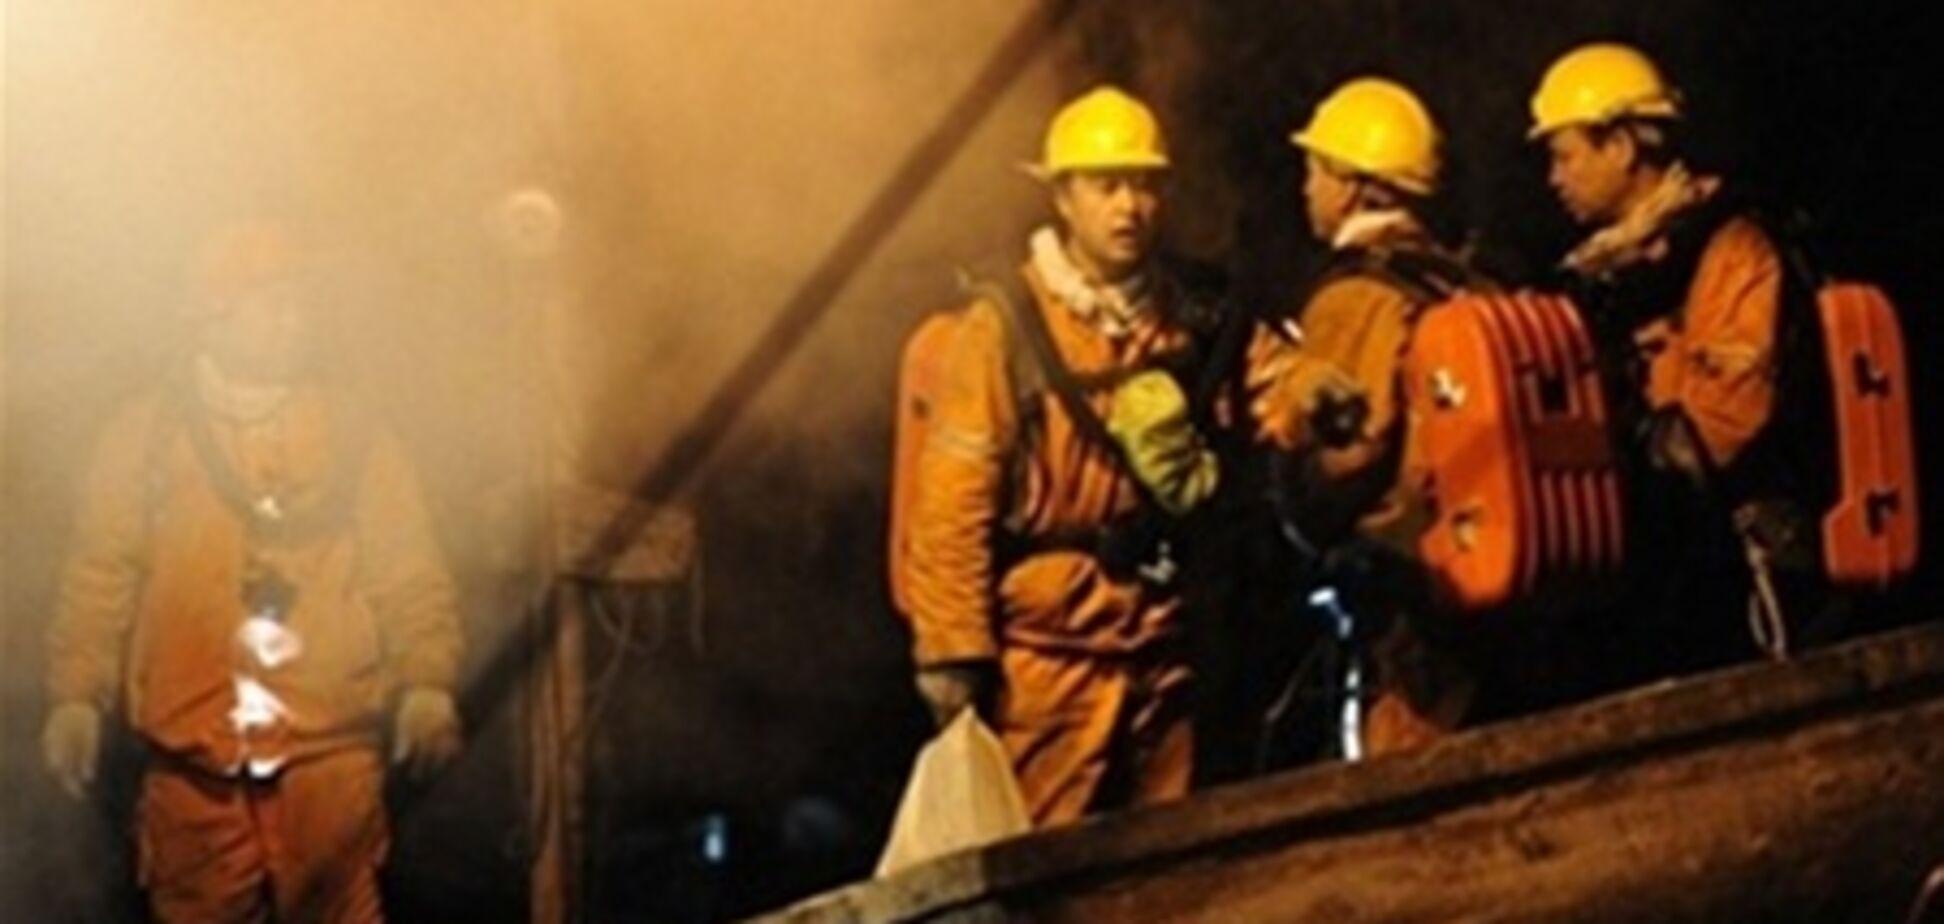 На Луганщине горит шахта, 200 горняков эвакуированы